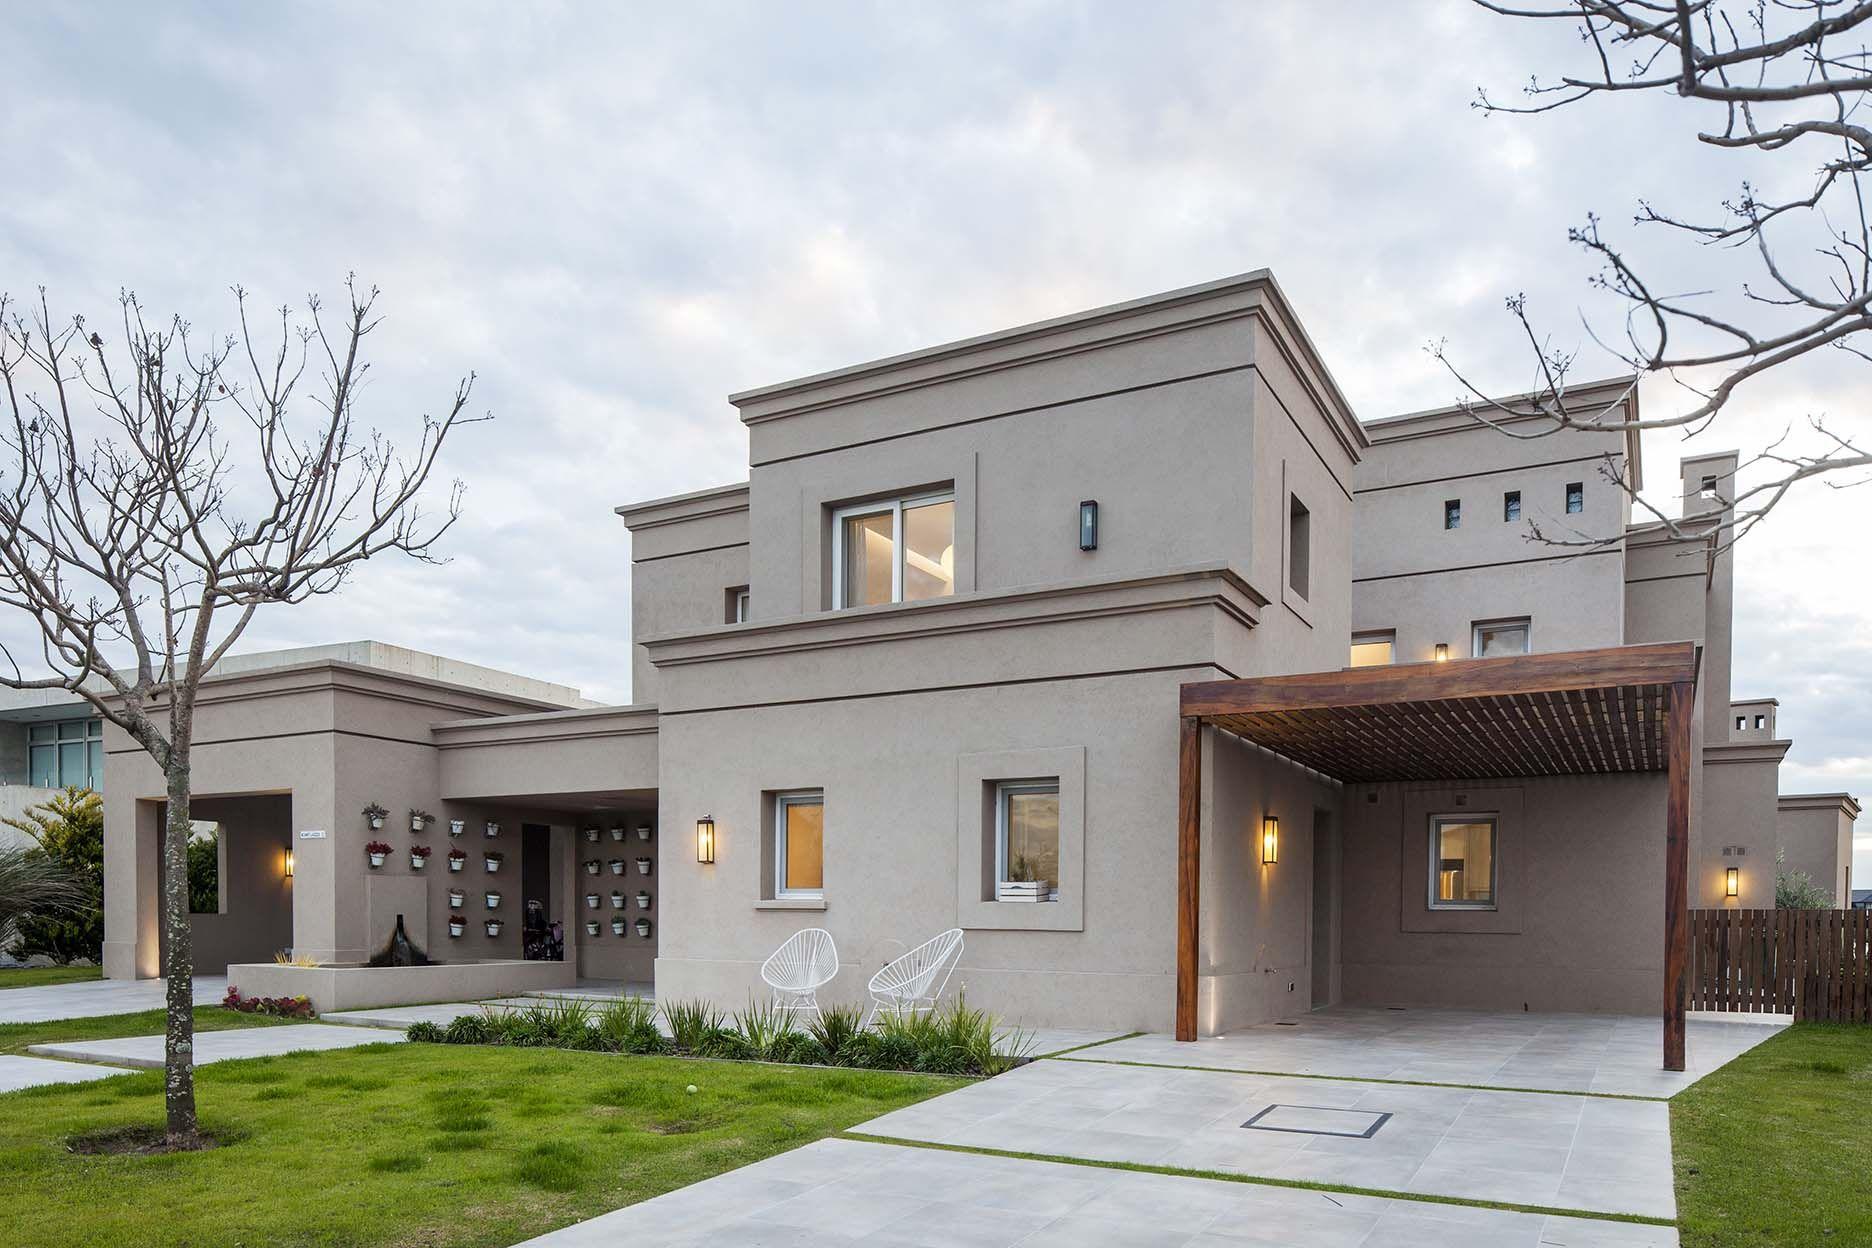 Arquitectura paisajismo ricardo pereyra iraola for Casas modernas clasicas